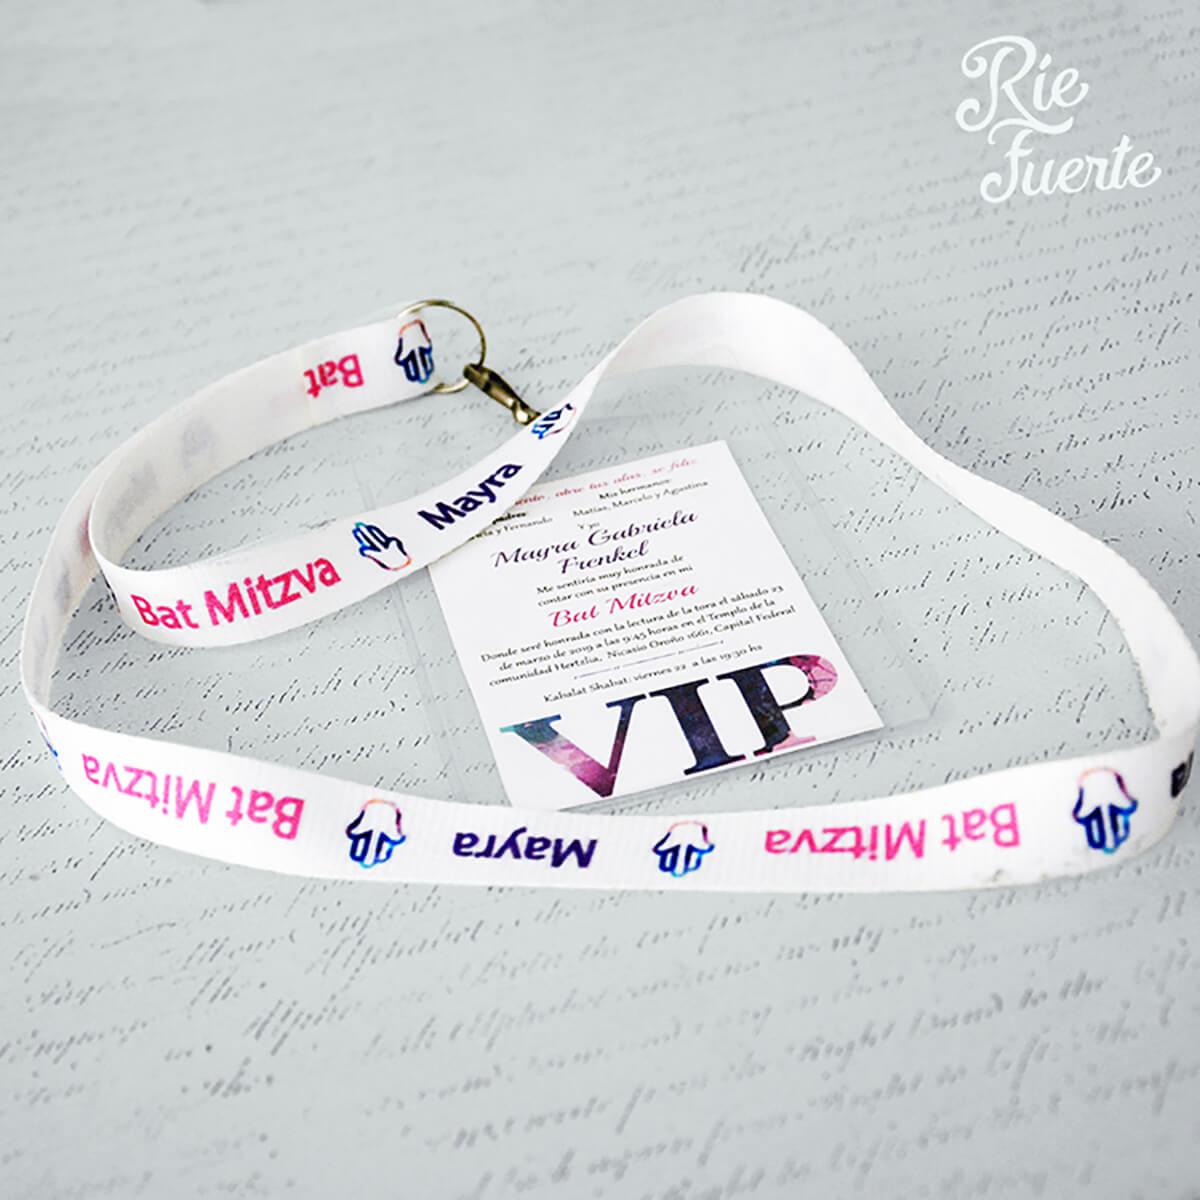 Bat Mitzva Mayra tarjeta VIP con cinta colgante y estuche transparente para tarjeta